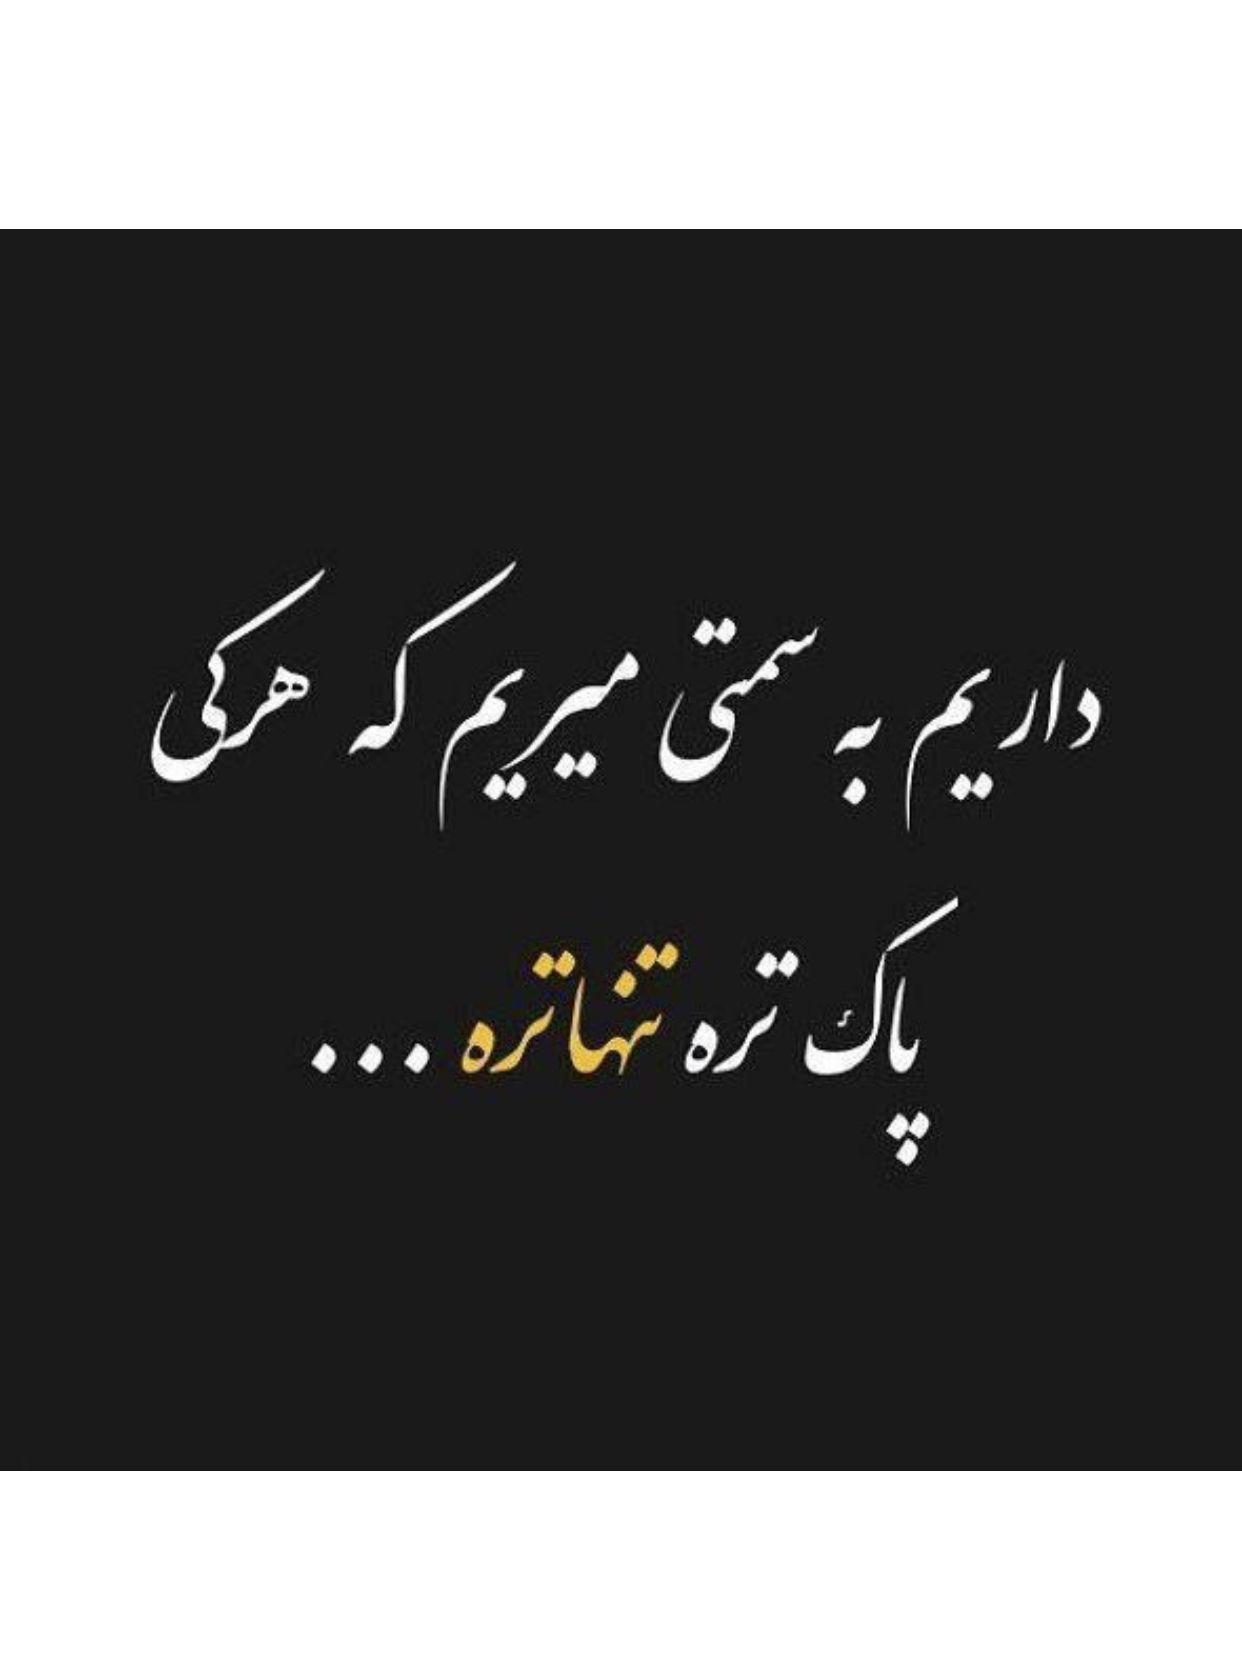 واقعا همینه Persian Quotes Farsi Quotes Iranian Quotes